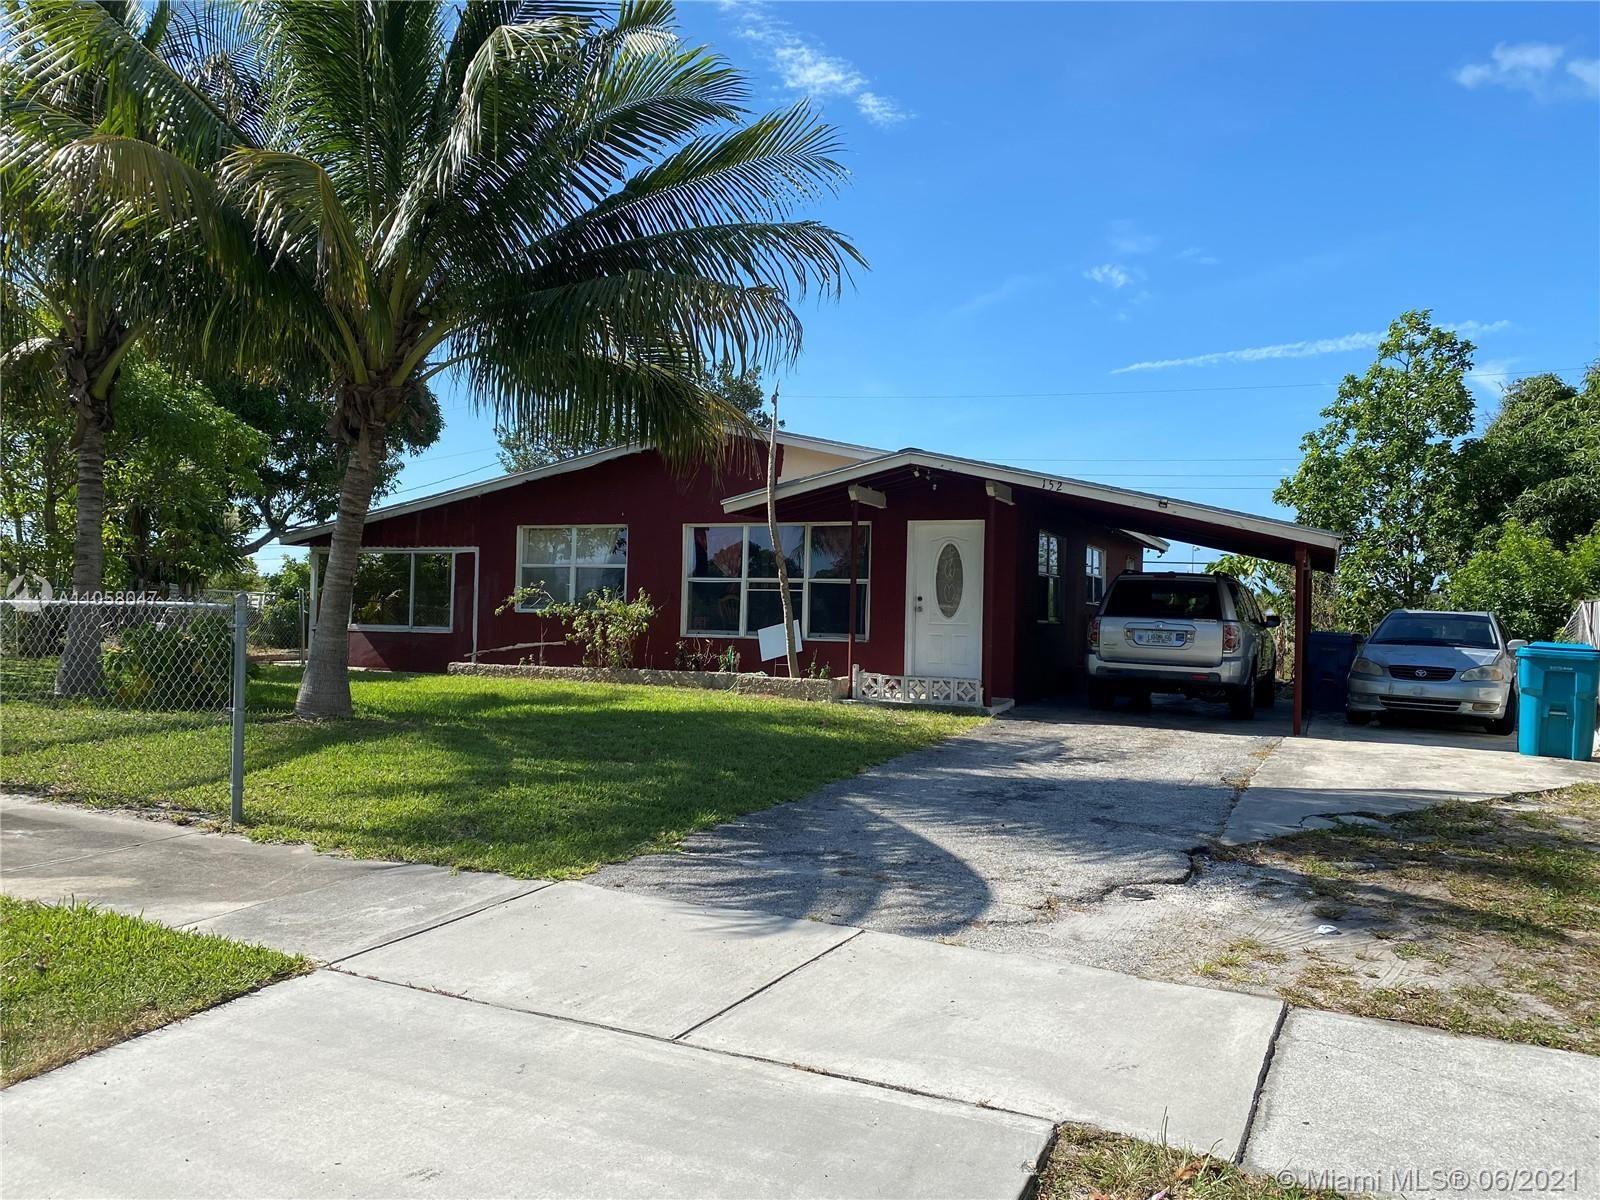 152 NW 14th Ave, Boynton Beach, FL 33435 - #: A11058047